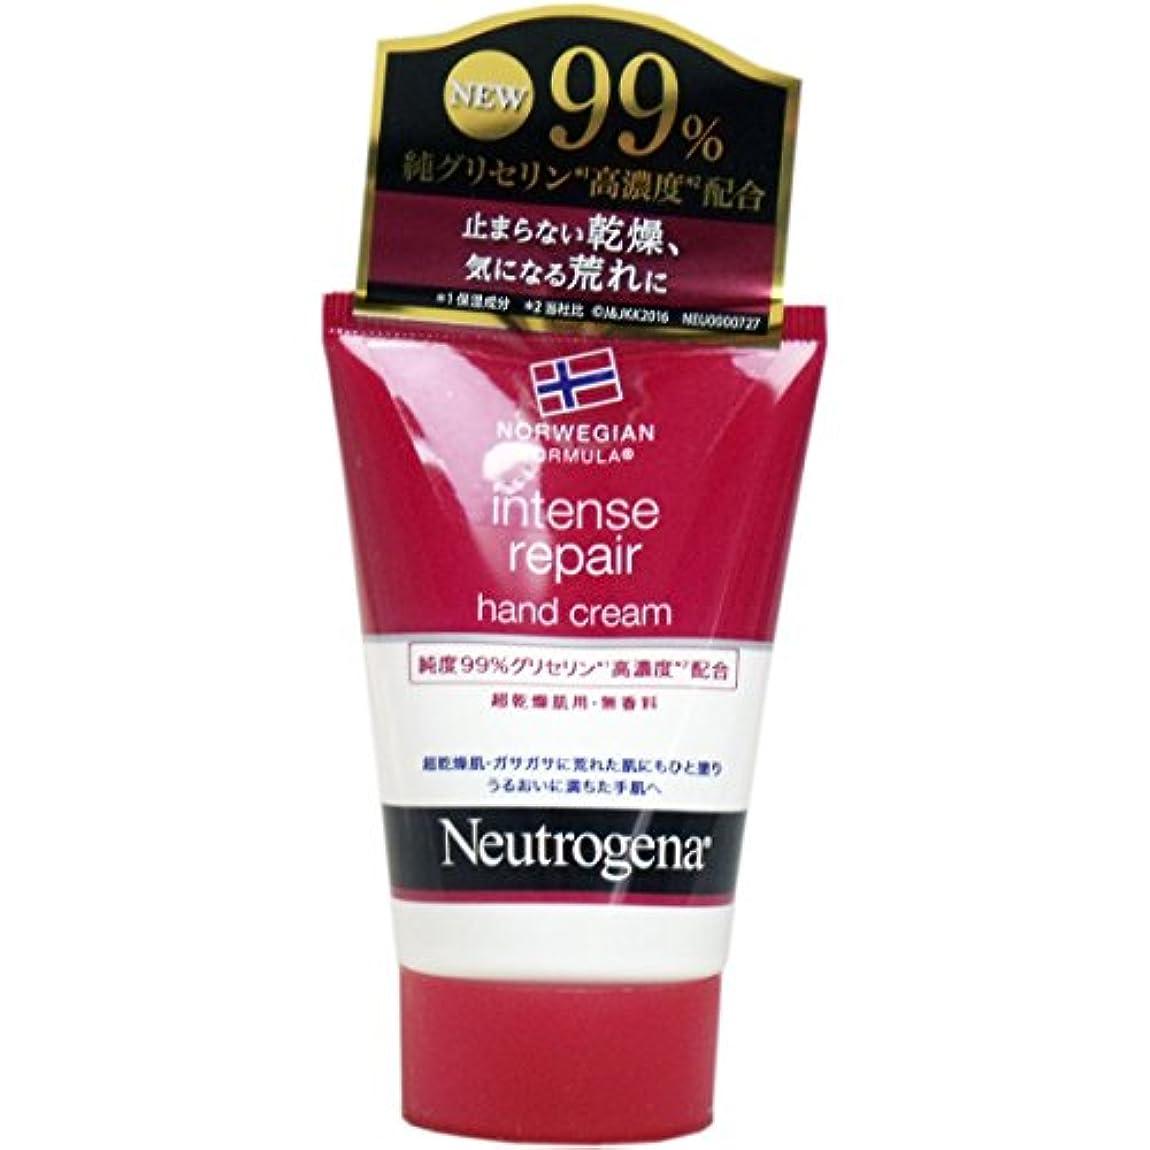 事故そうでなければ黒板【セット品】Neutrogena(ニュートロジーナ) ノルウェーフォーミュラ インテンスリペア ハンドクリーム 超乾燥肌用 無香料 50g×6個